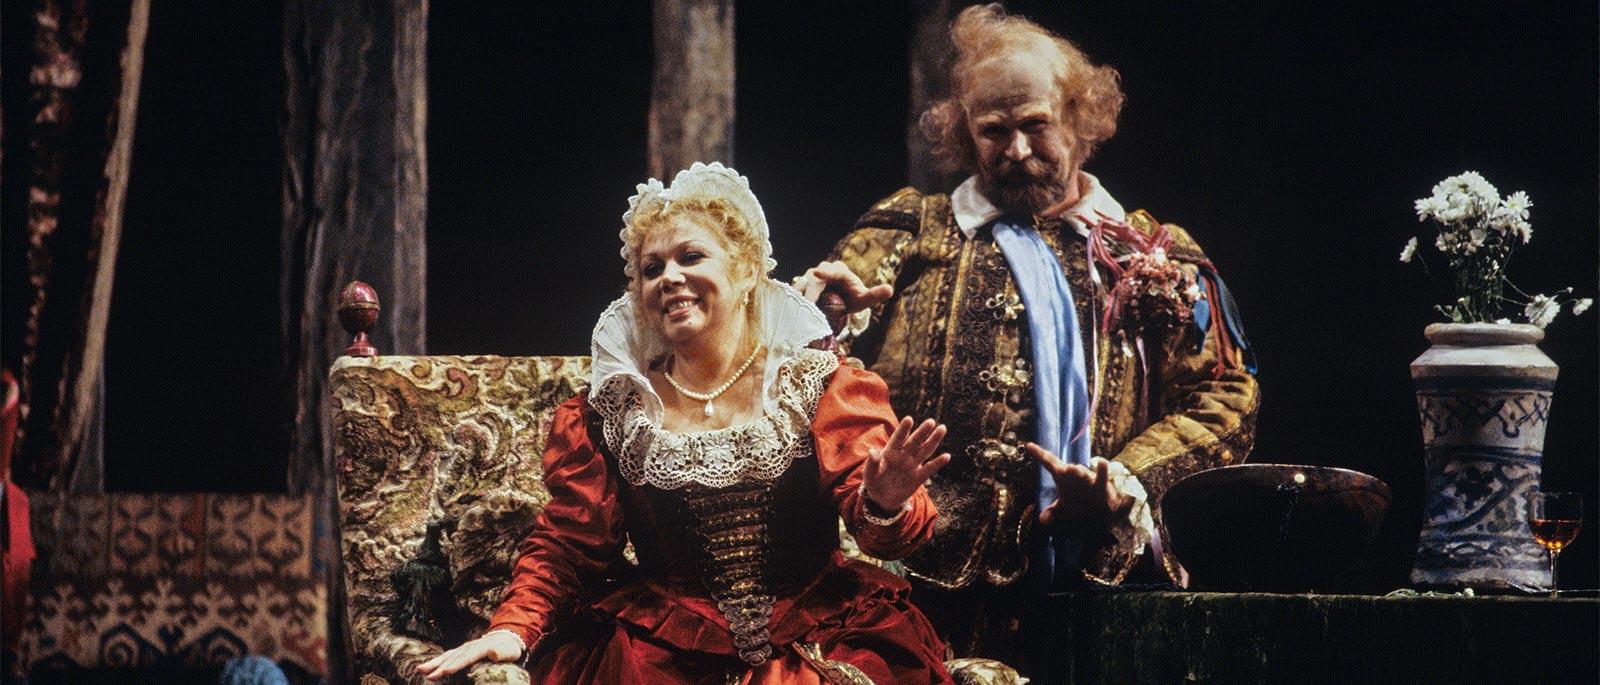 1992 Falstaff w1600x685.jpg